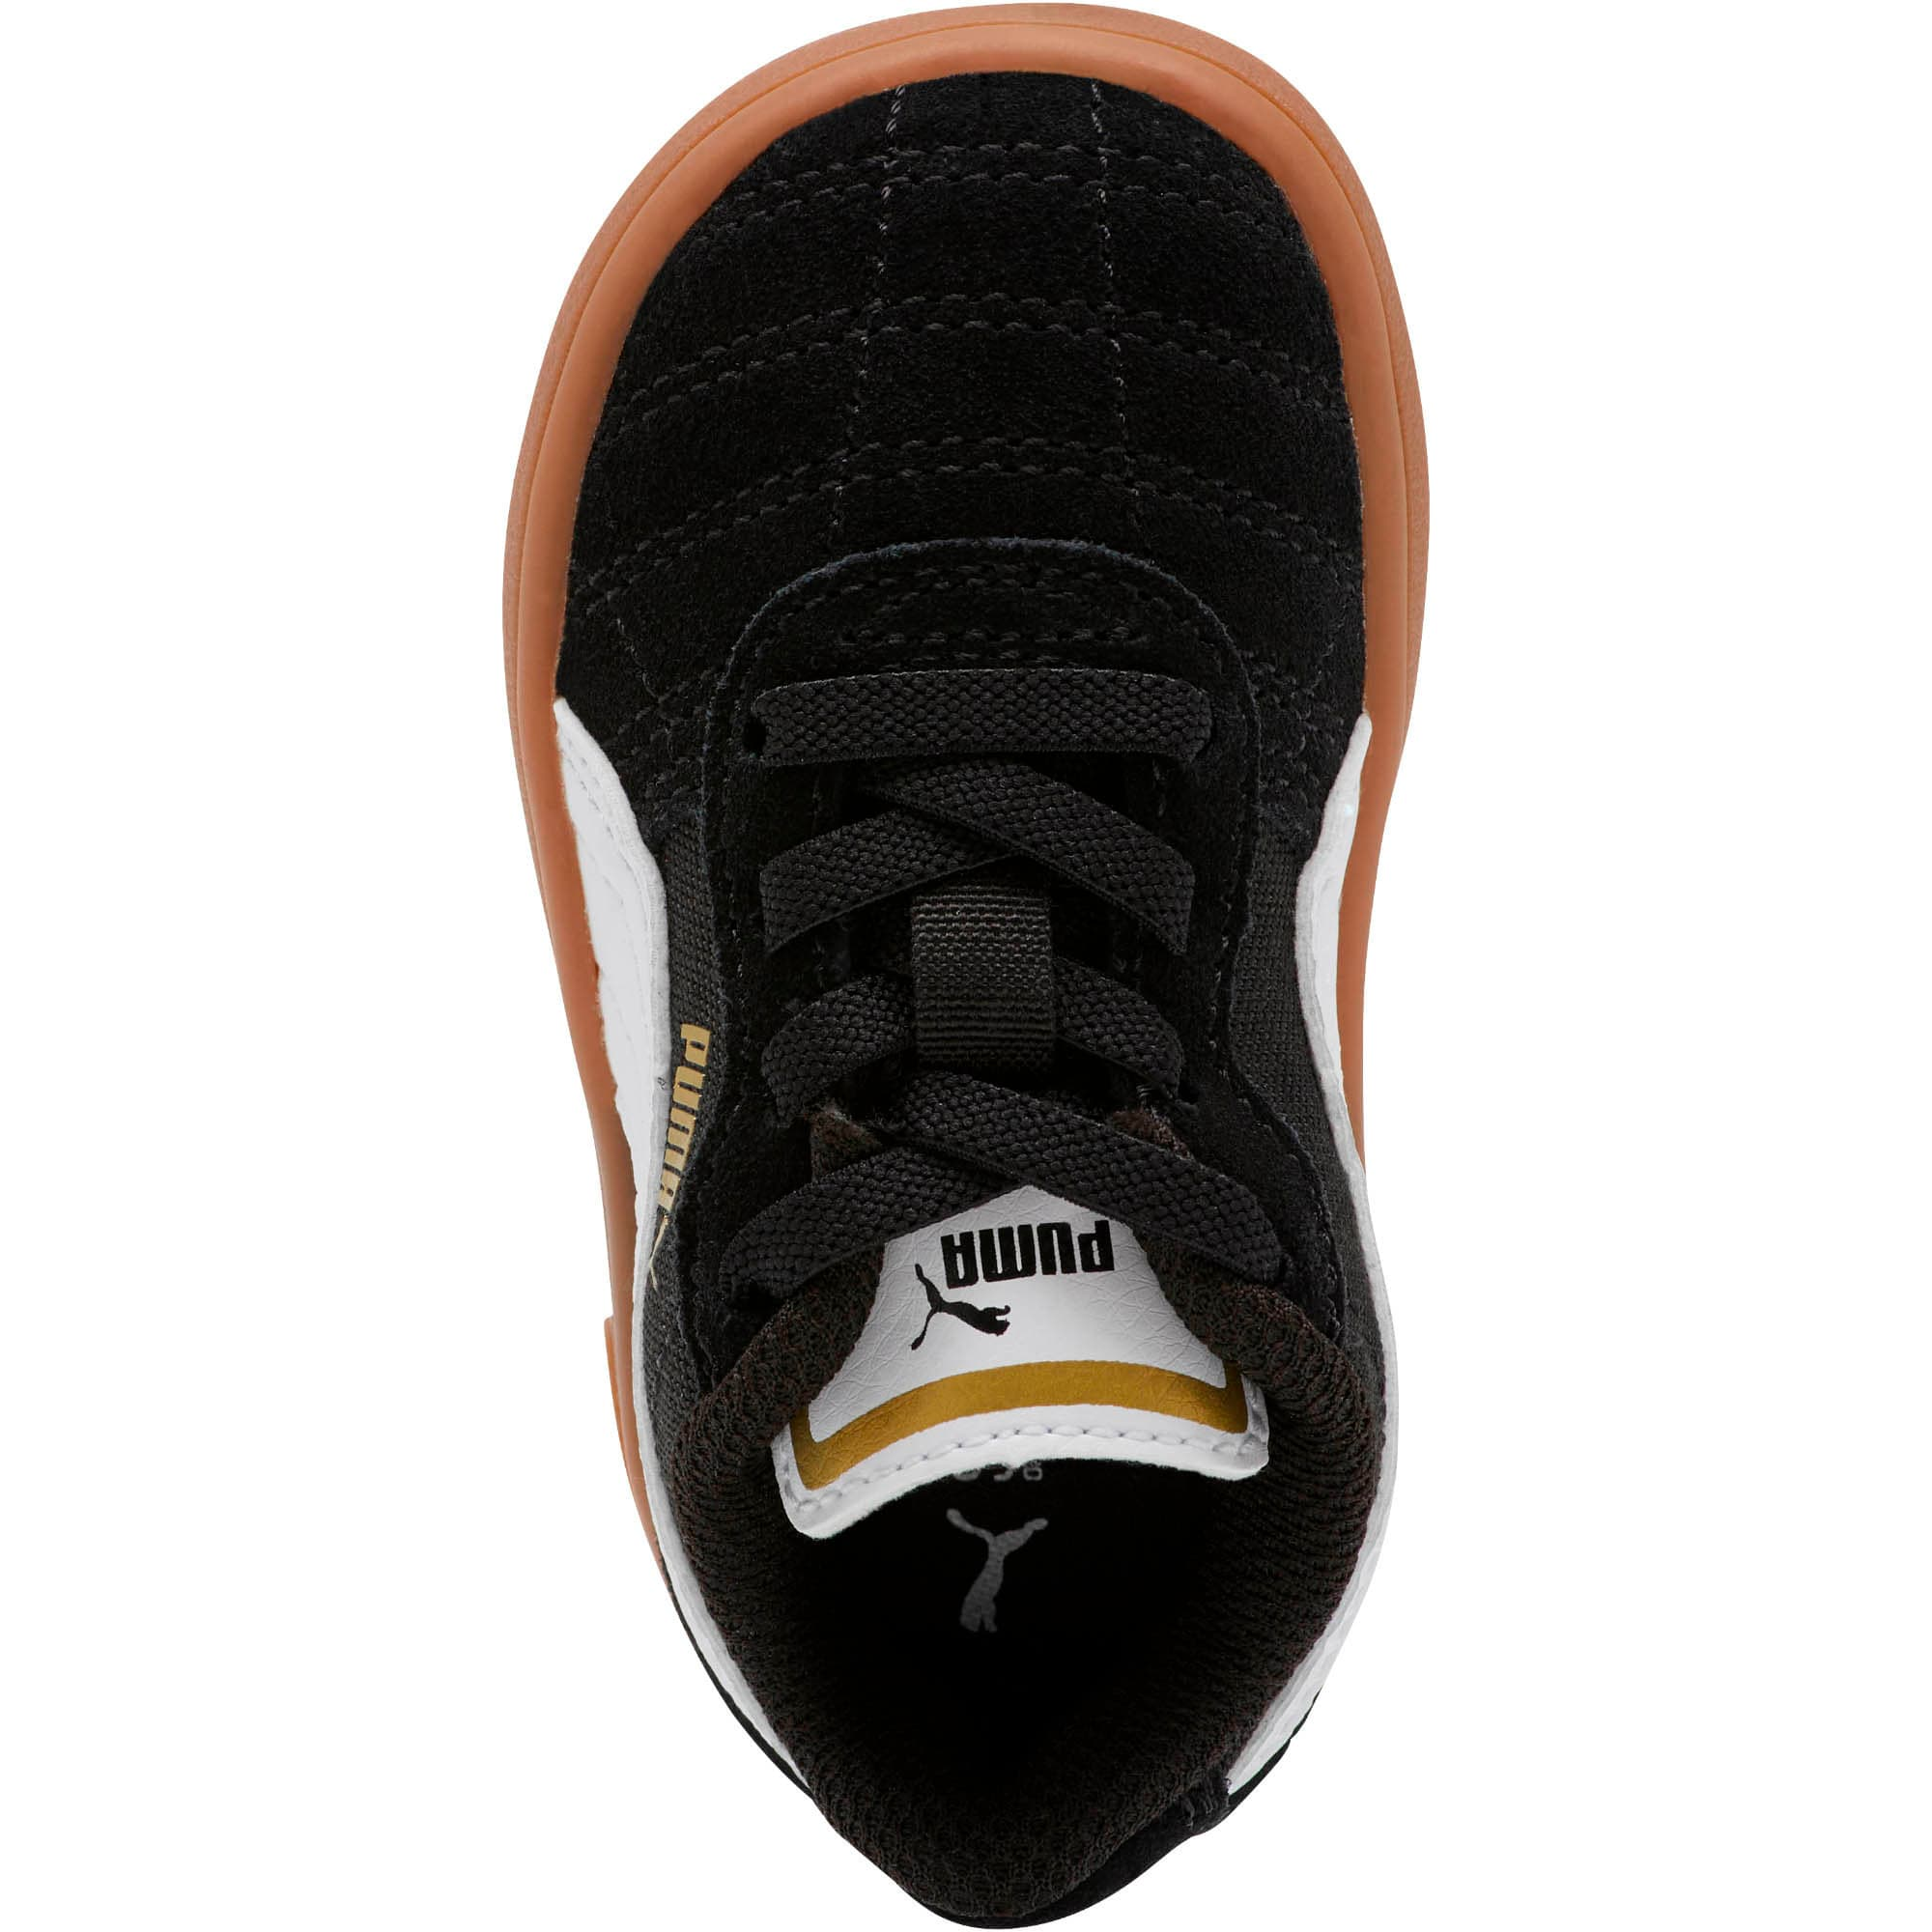 Miniatura 5 de Zapatos Astro Kick AC para bebé, Puma Black-Puma White-Gold, mediano